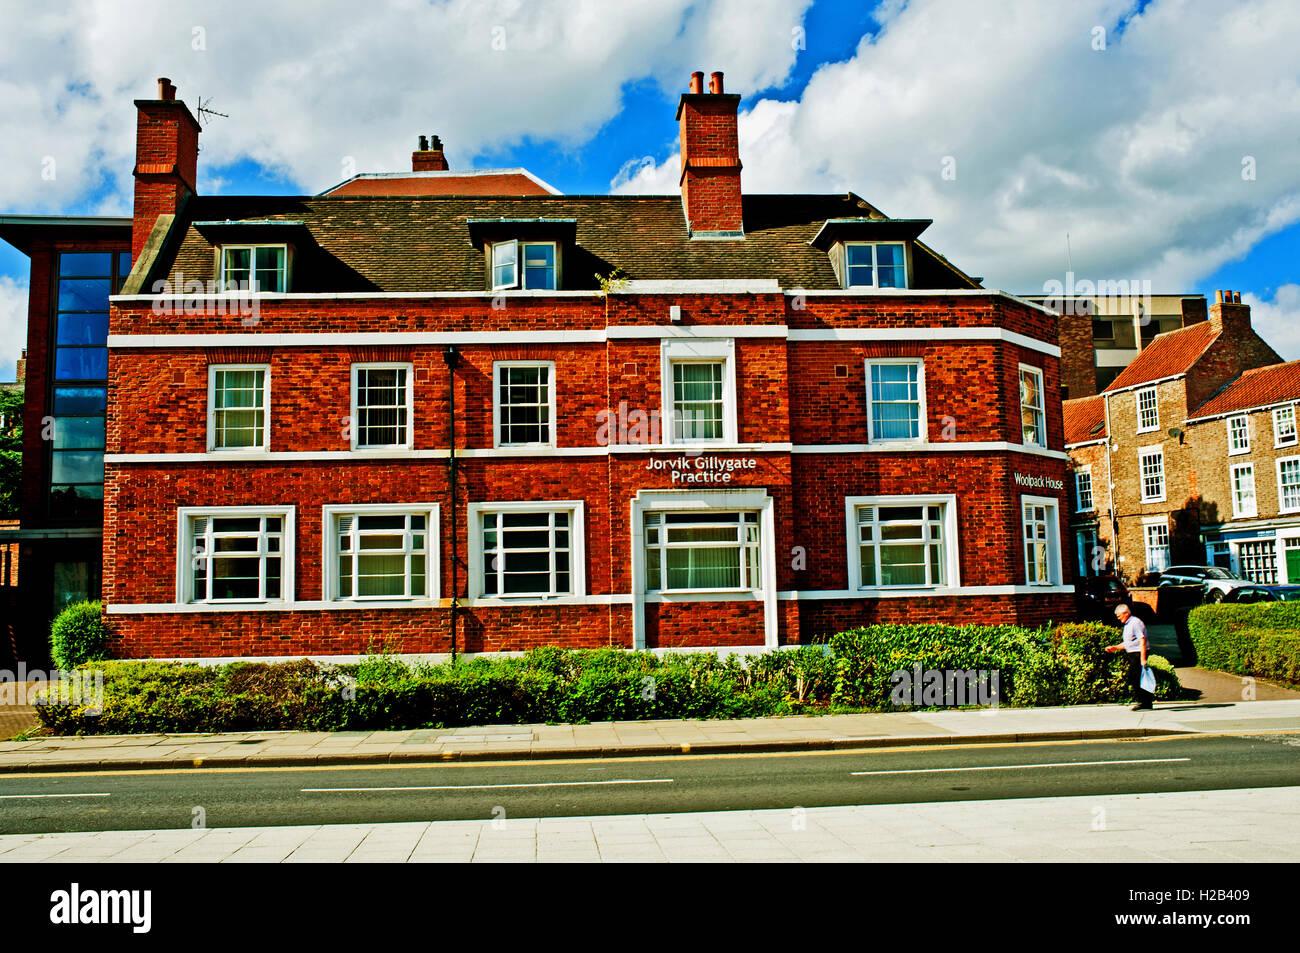 Woolpack House, Peasholme Green, York - Stock Image